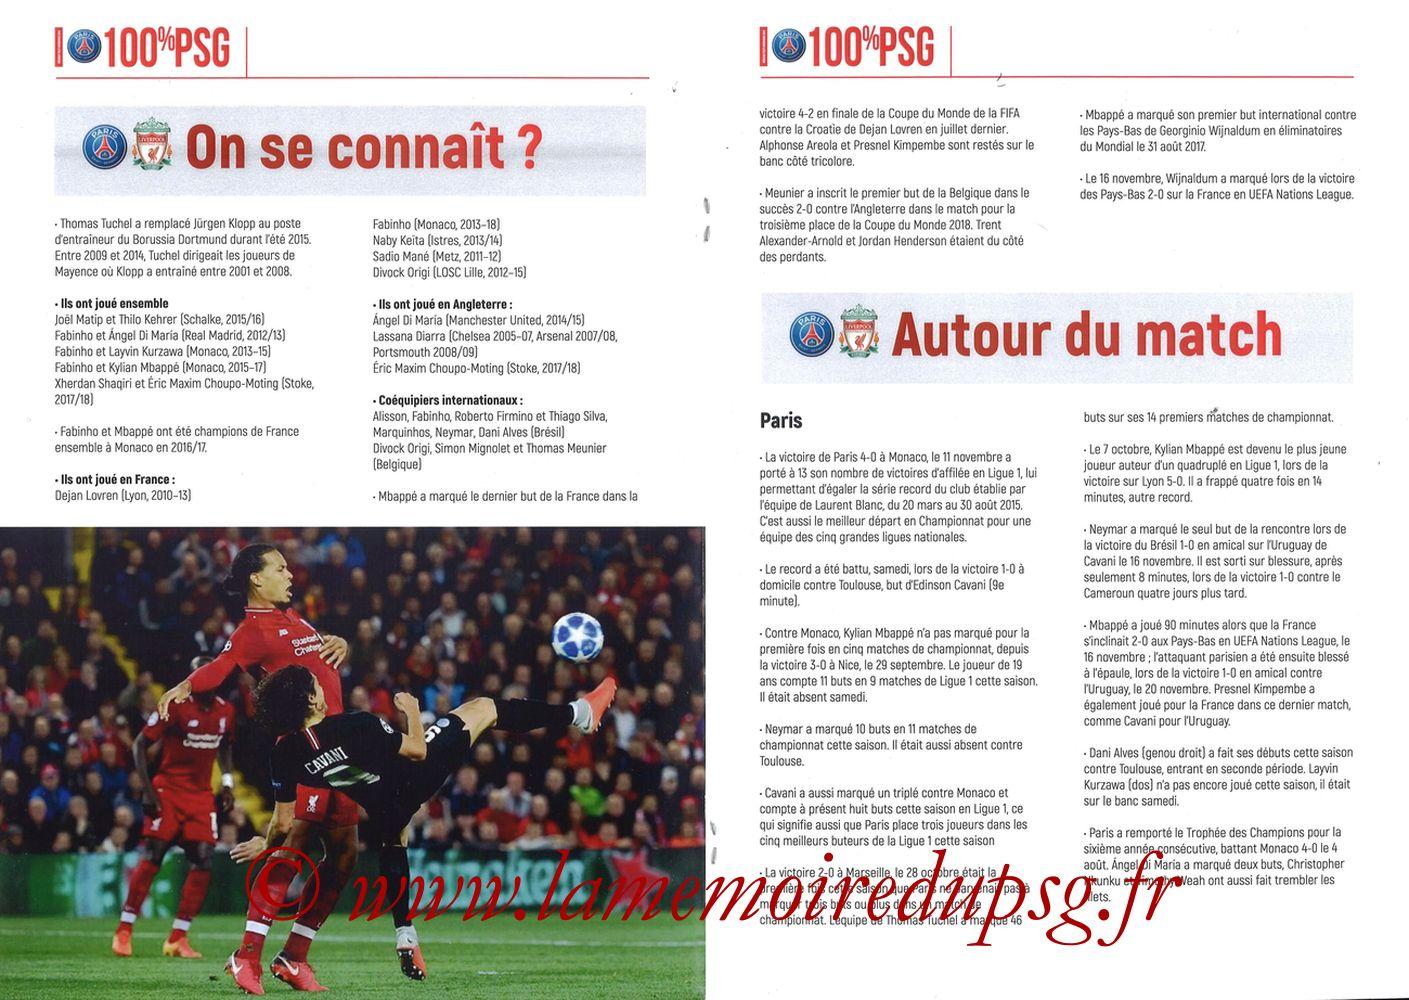 2018-11-28  PSG-Liverpool (5ème Poule C1, 100% PSG N° 172) - Pages 06 et 07